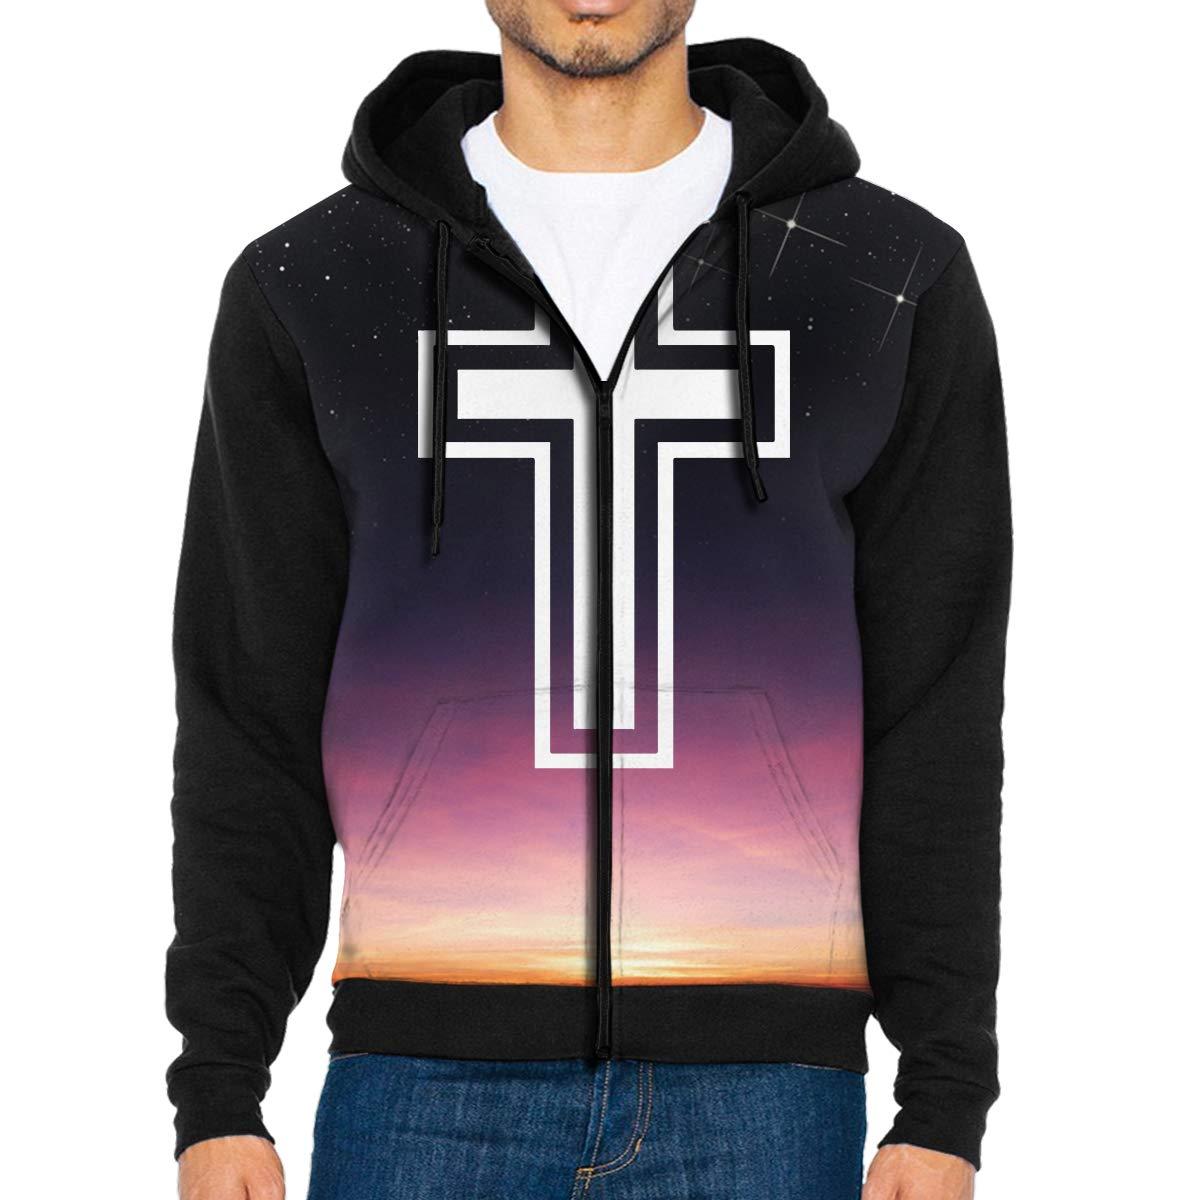 Cross Mens Full-Zip Up Hoodie Jacket Pullover Sweatshirt